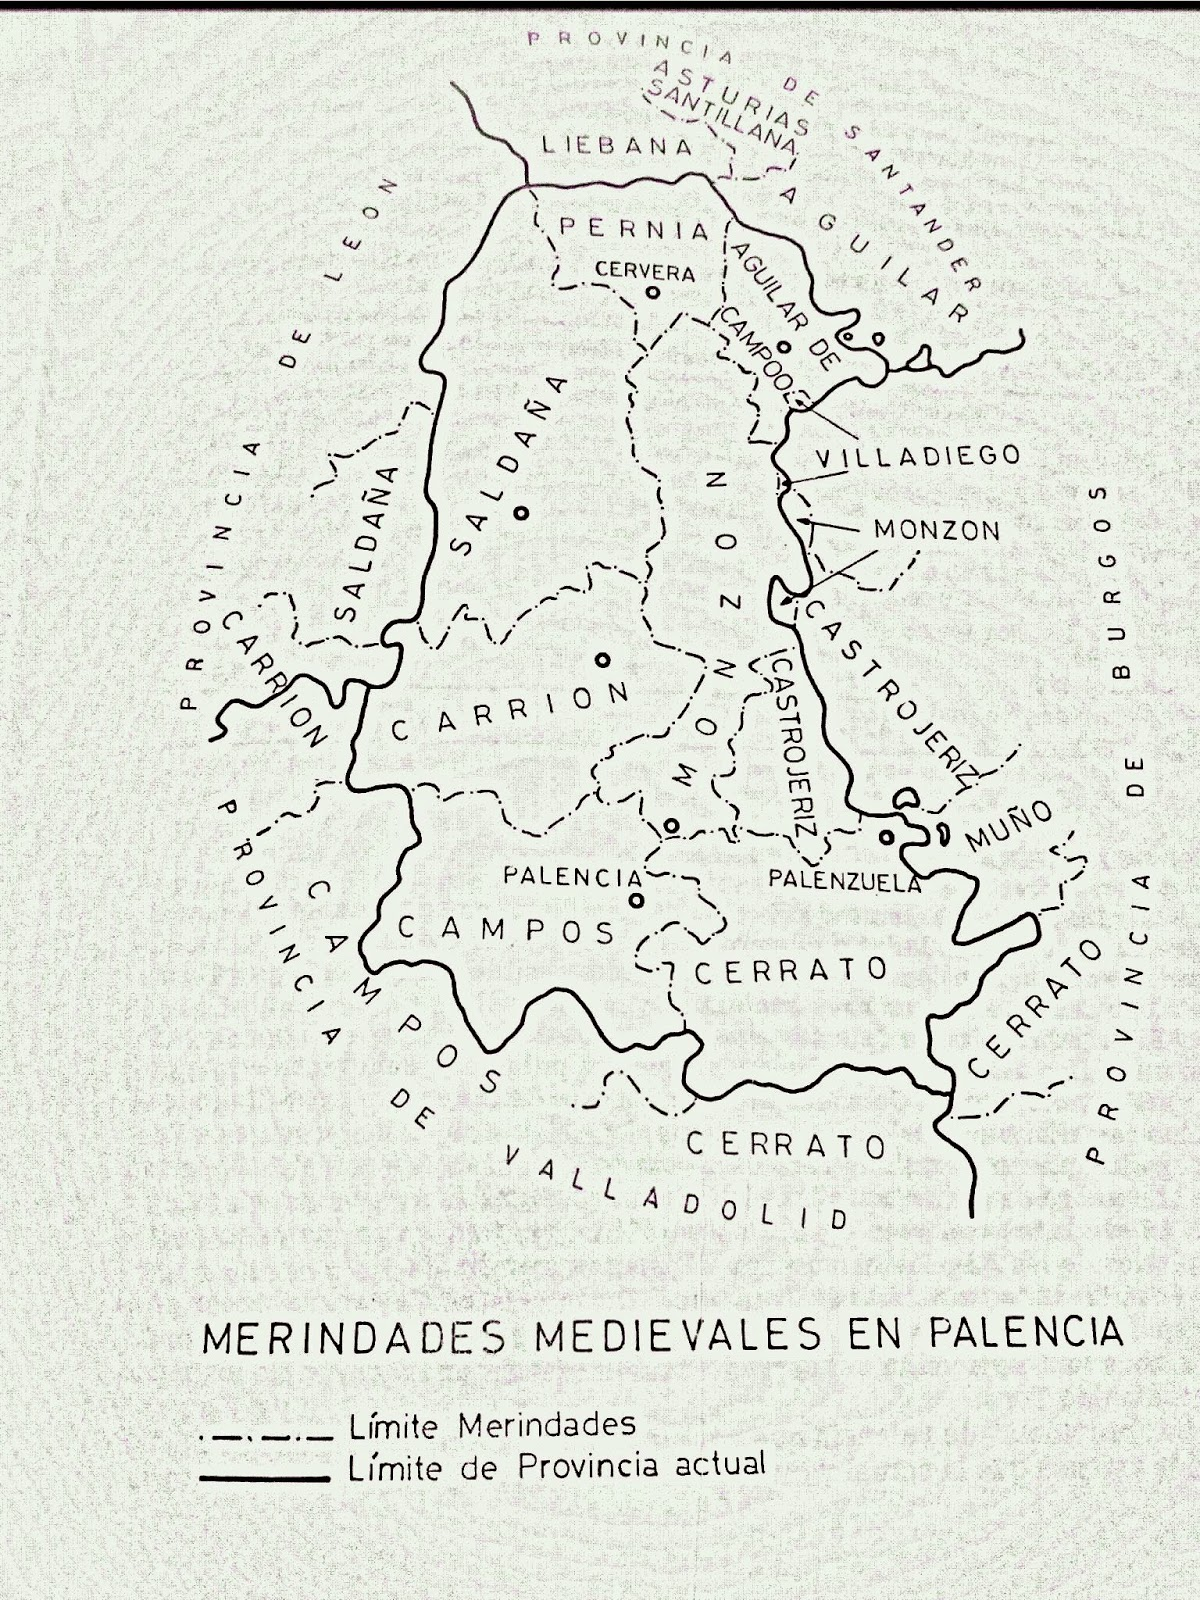 Merindades de Castilla en Palencia